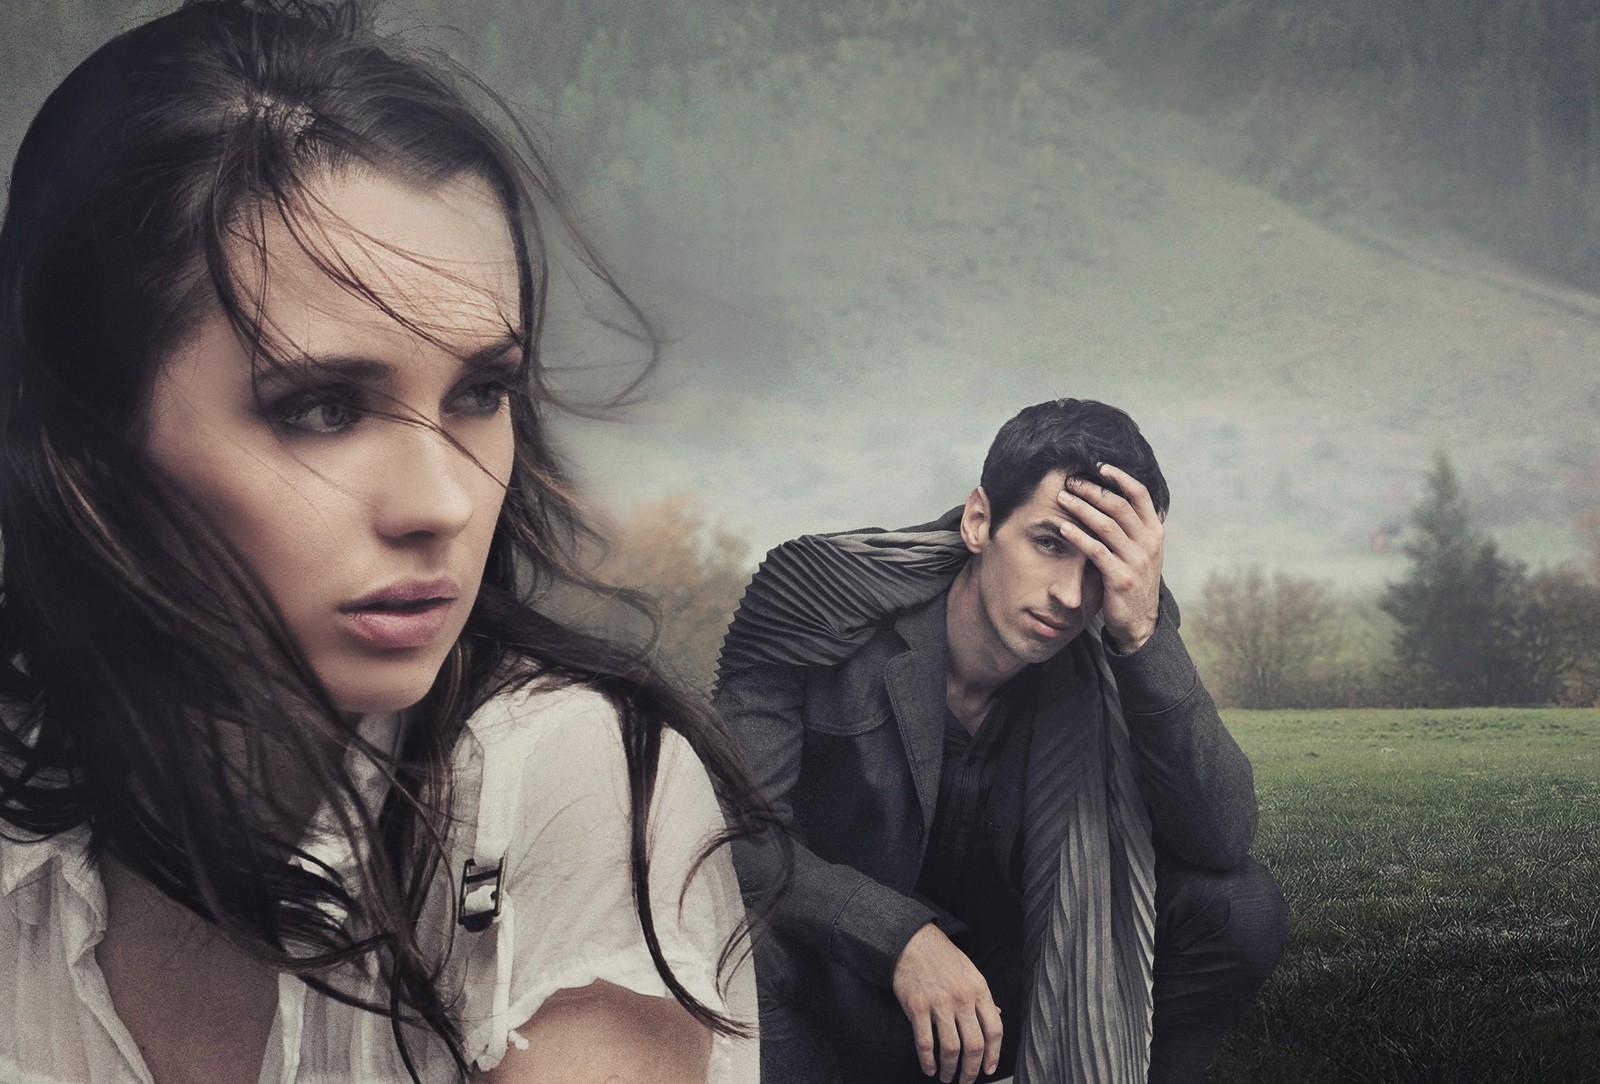 Ученые узнали, почему люди плохо реагируют на принятия в симпатии